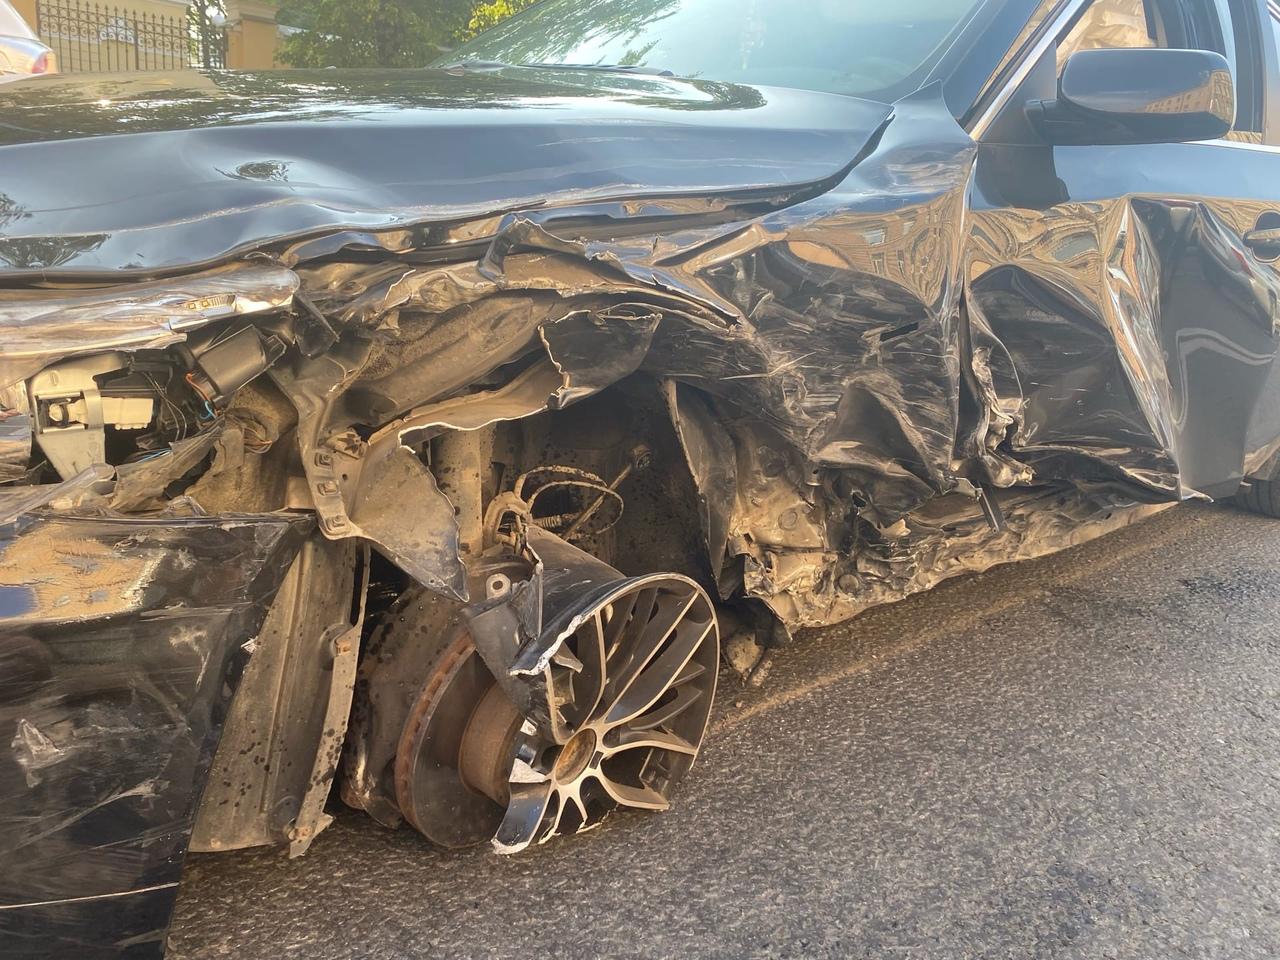 Произошло ДТП 9 июля в 18.00 на Московском проспекте, напротив дома 20, там столкнулись два БМВ, Хен...